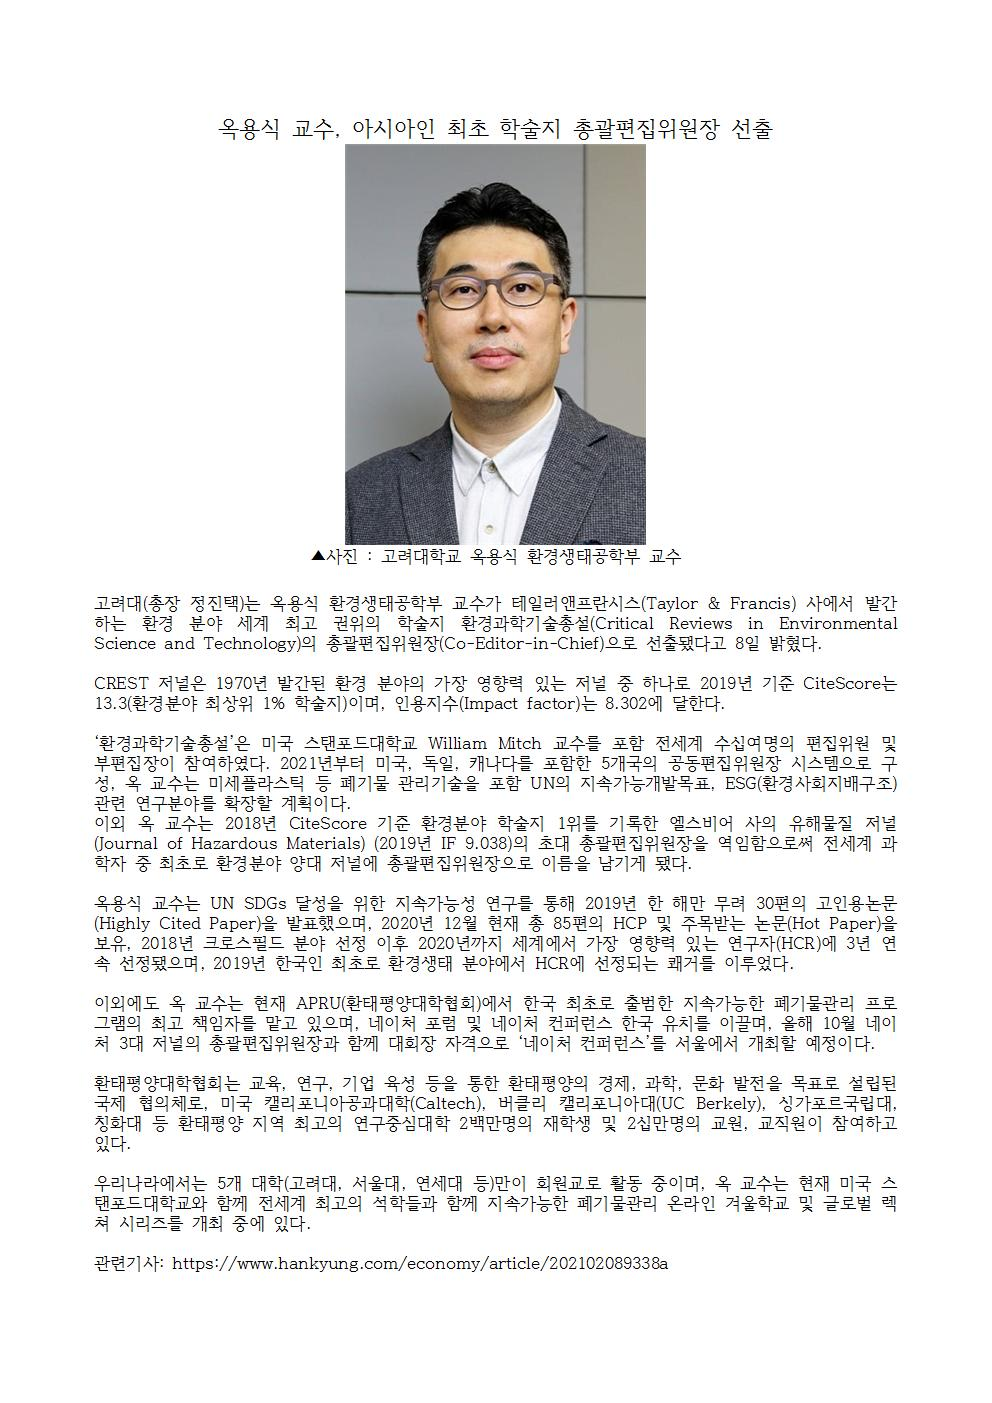 옥용식 교수, 아시아인 최초 학술지 총괄편집위원장 선출